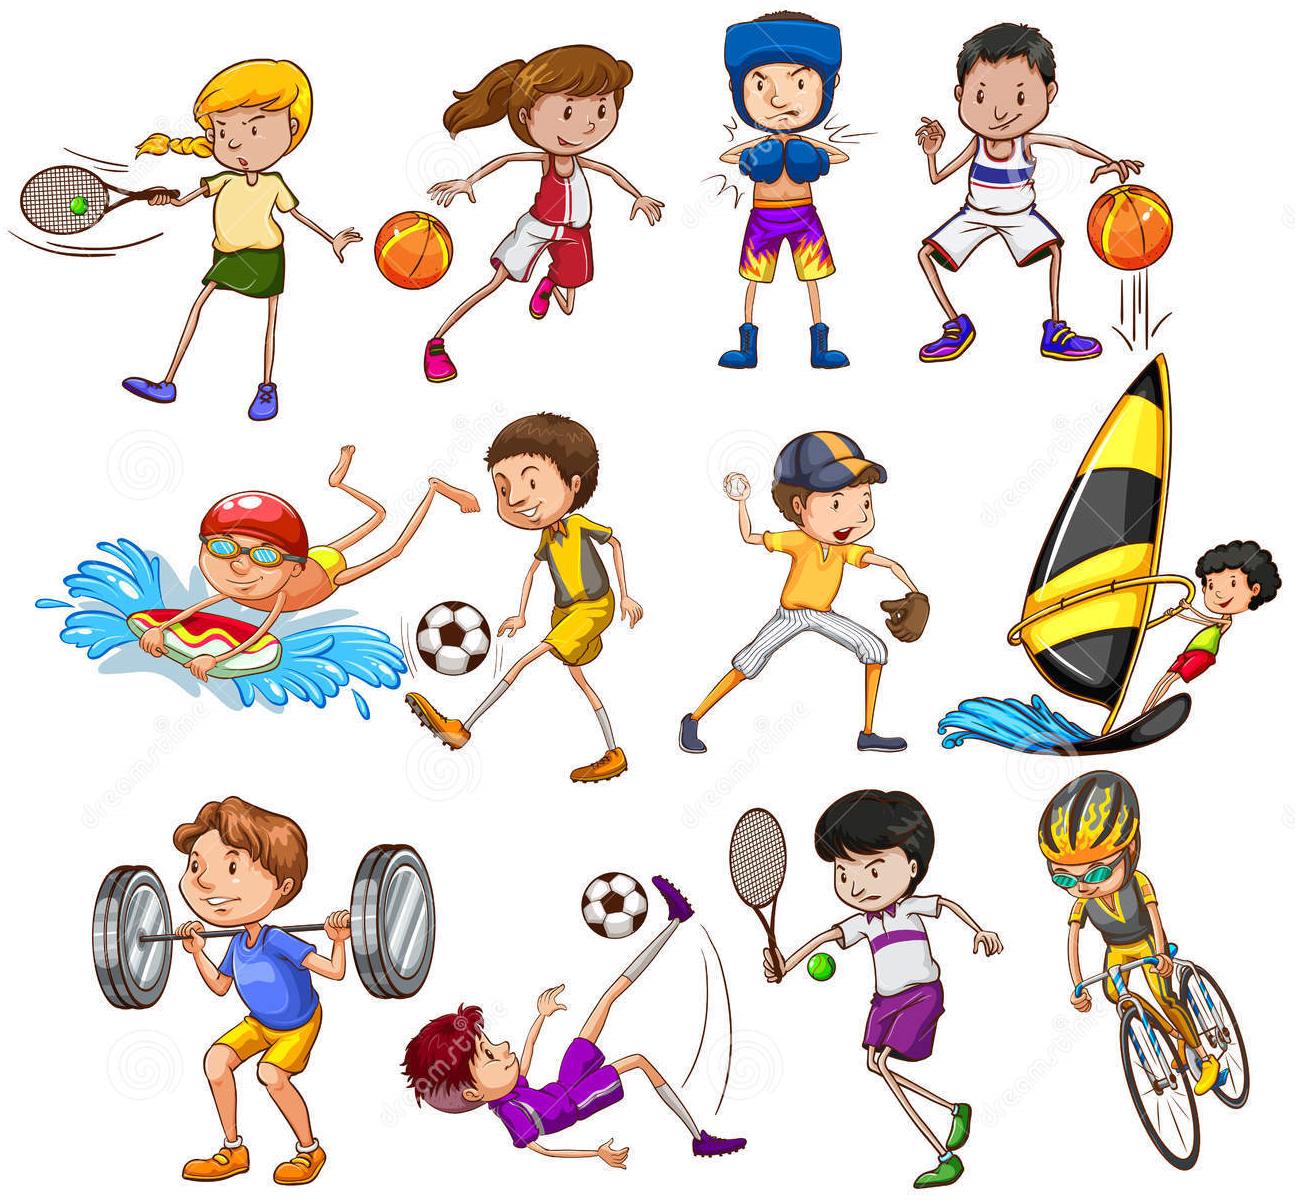 Moje zainteresowania sportowe